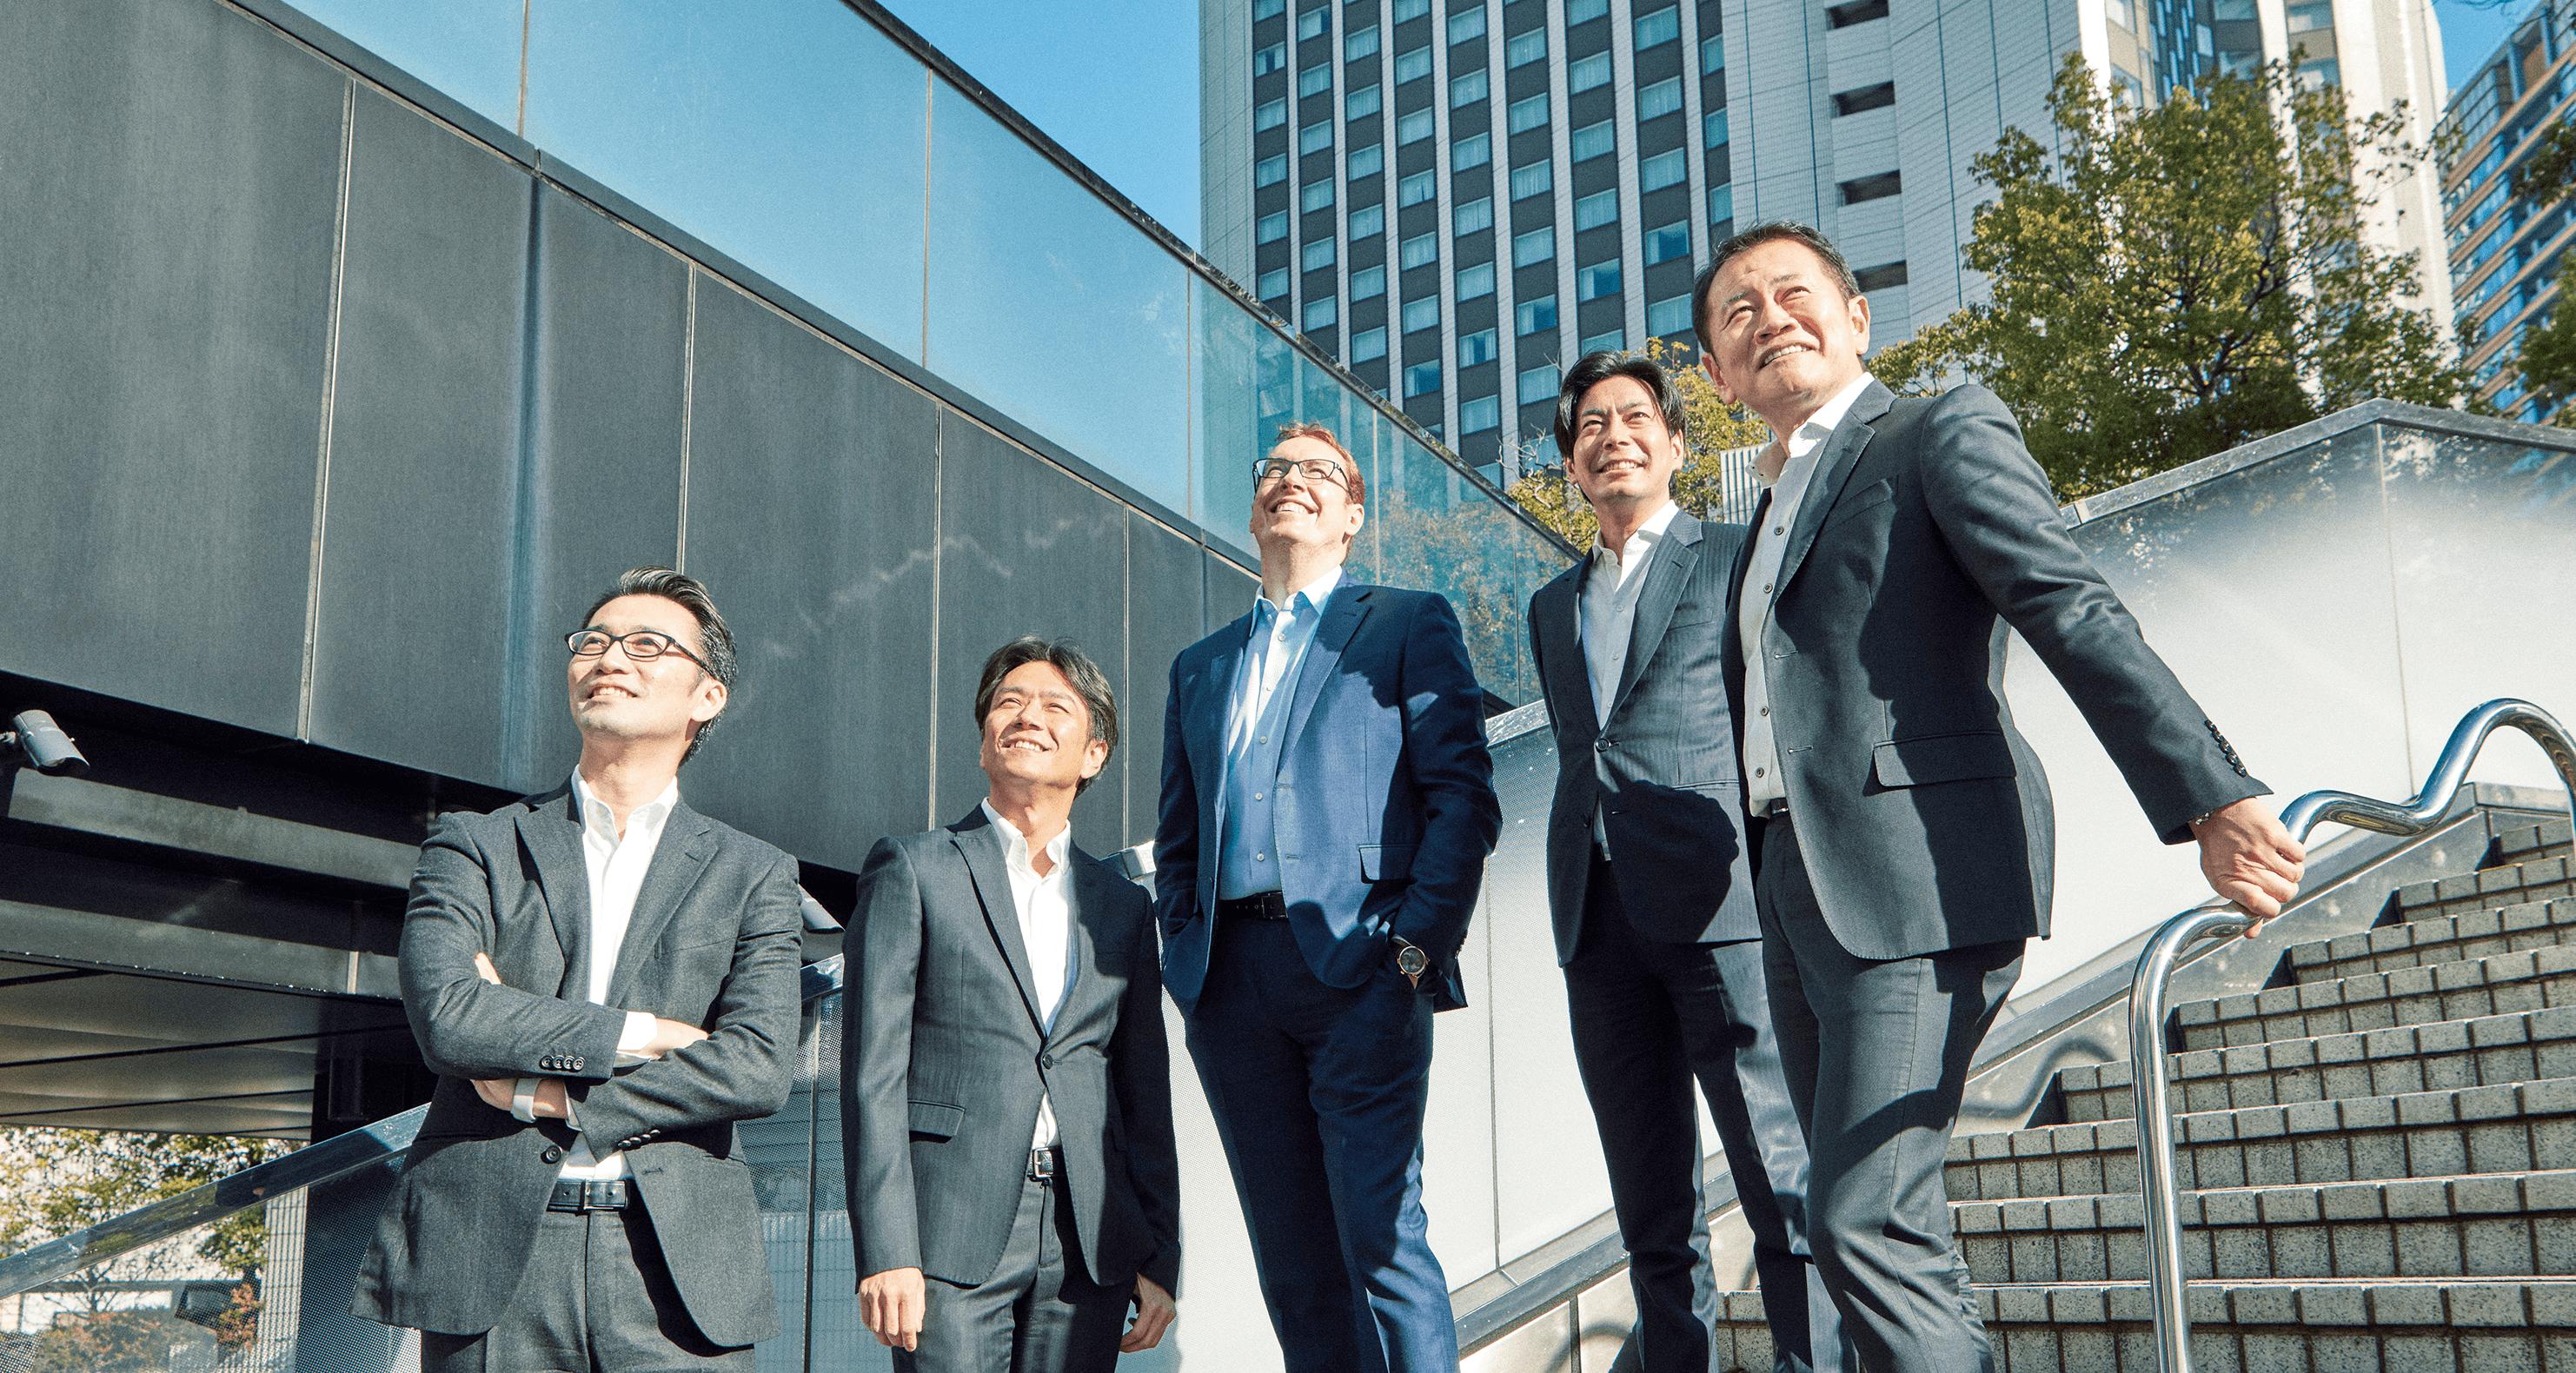 マッキンゼーで実績を積んだシニア・パートナーがインキュベイトファンドに参画。ベンチャーキャピタル業界に起きる地殻変動とは?